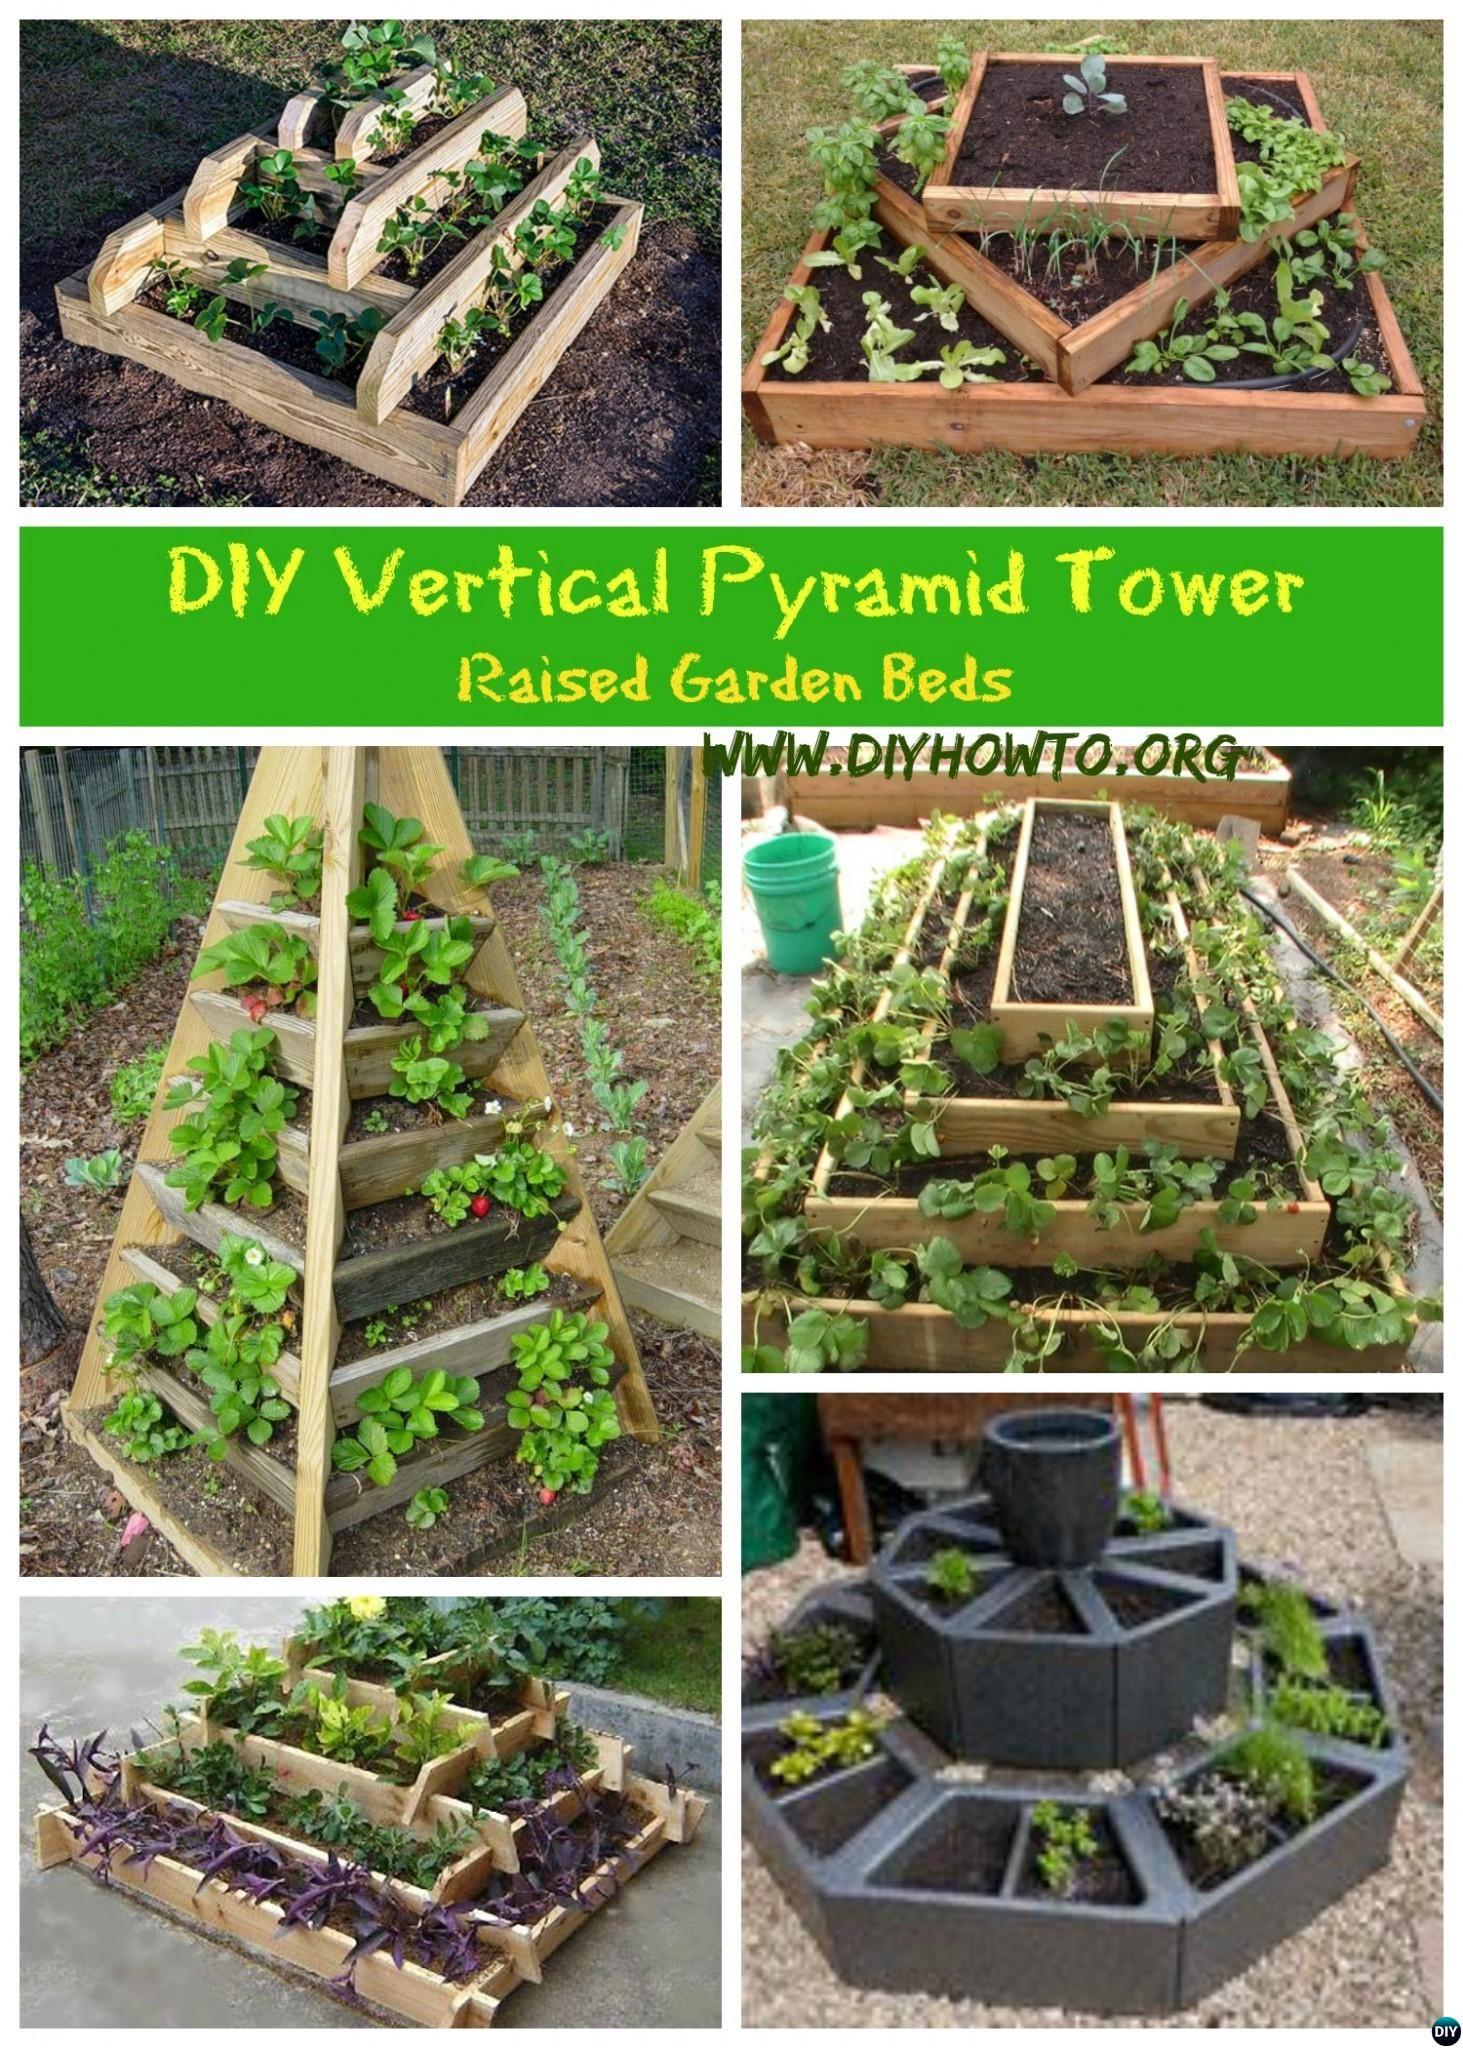 Diy Vertical Pyramid Tower Raised Garden Beds Raised Garden